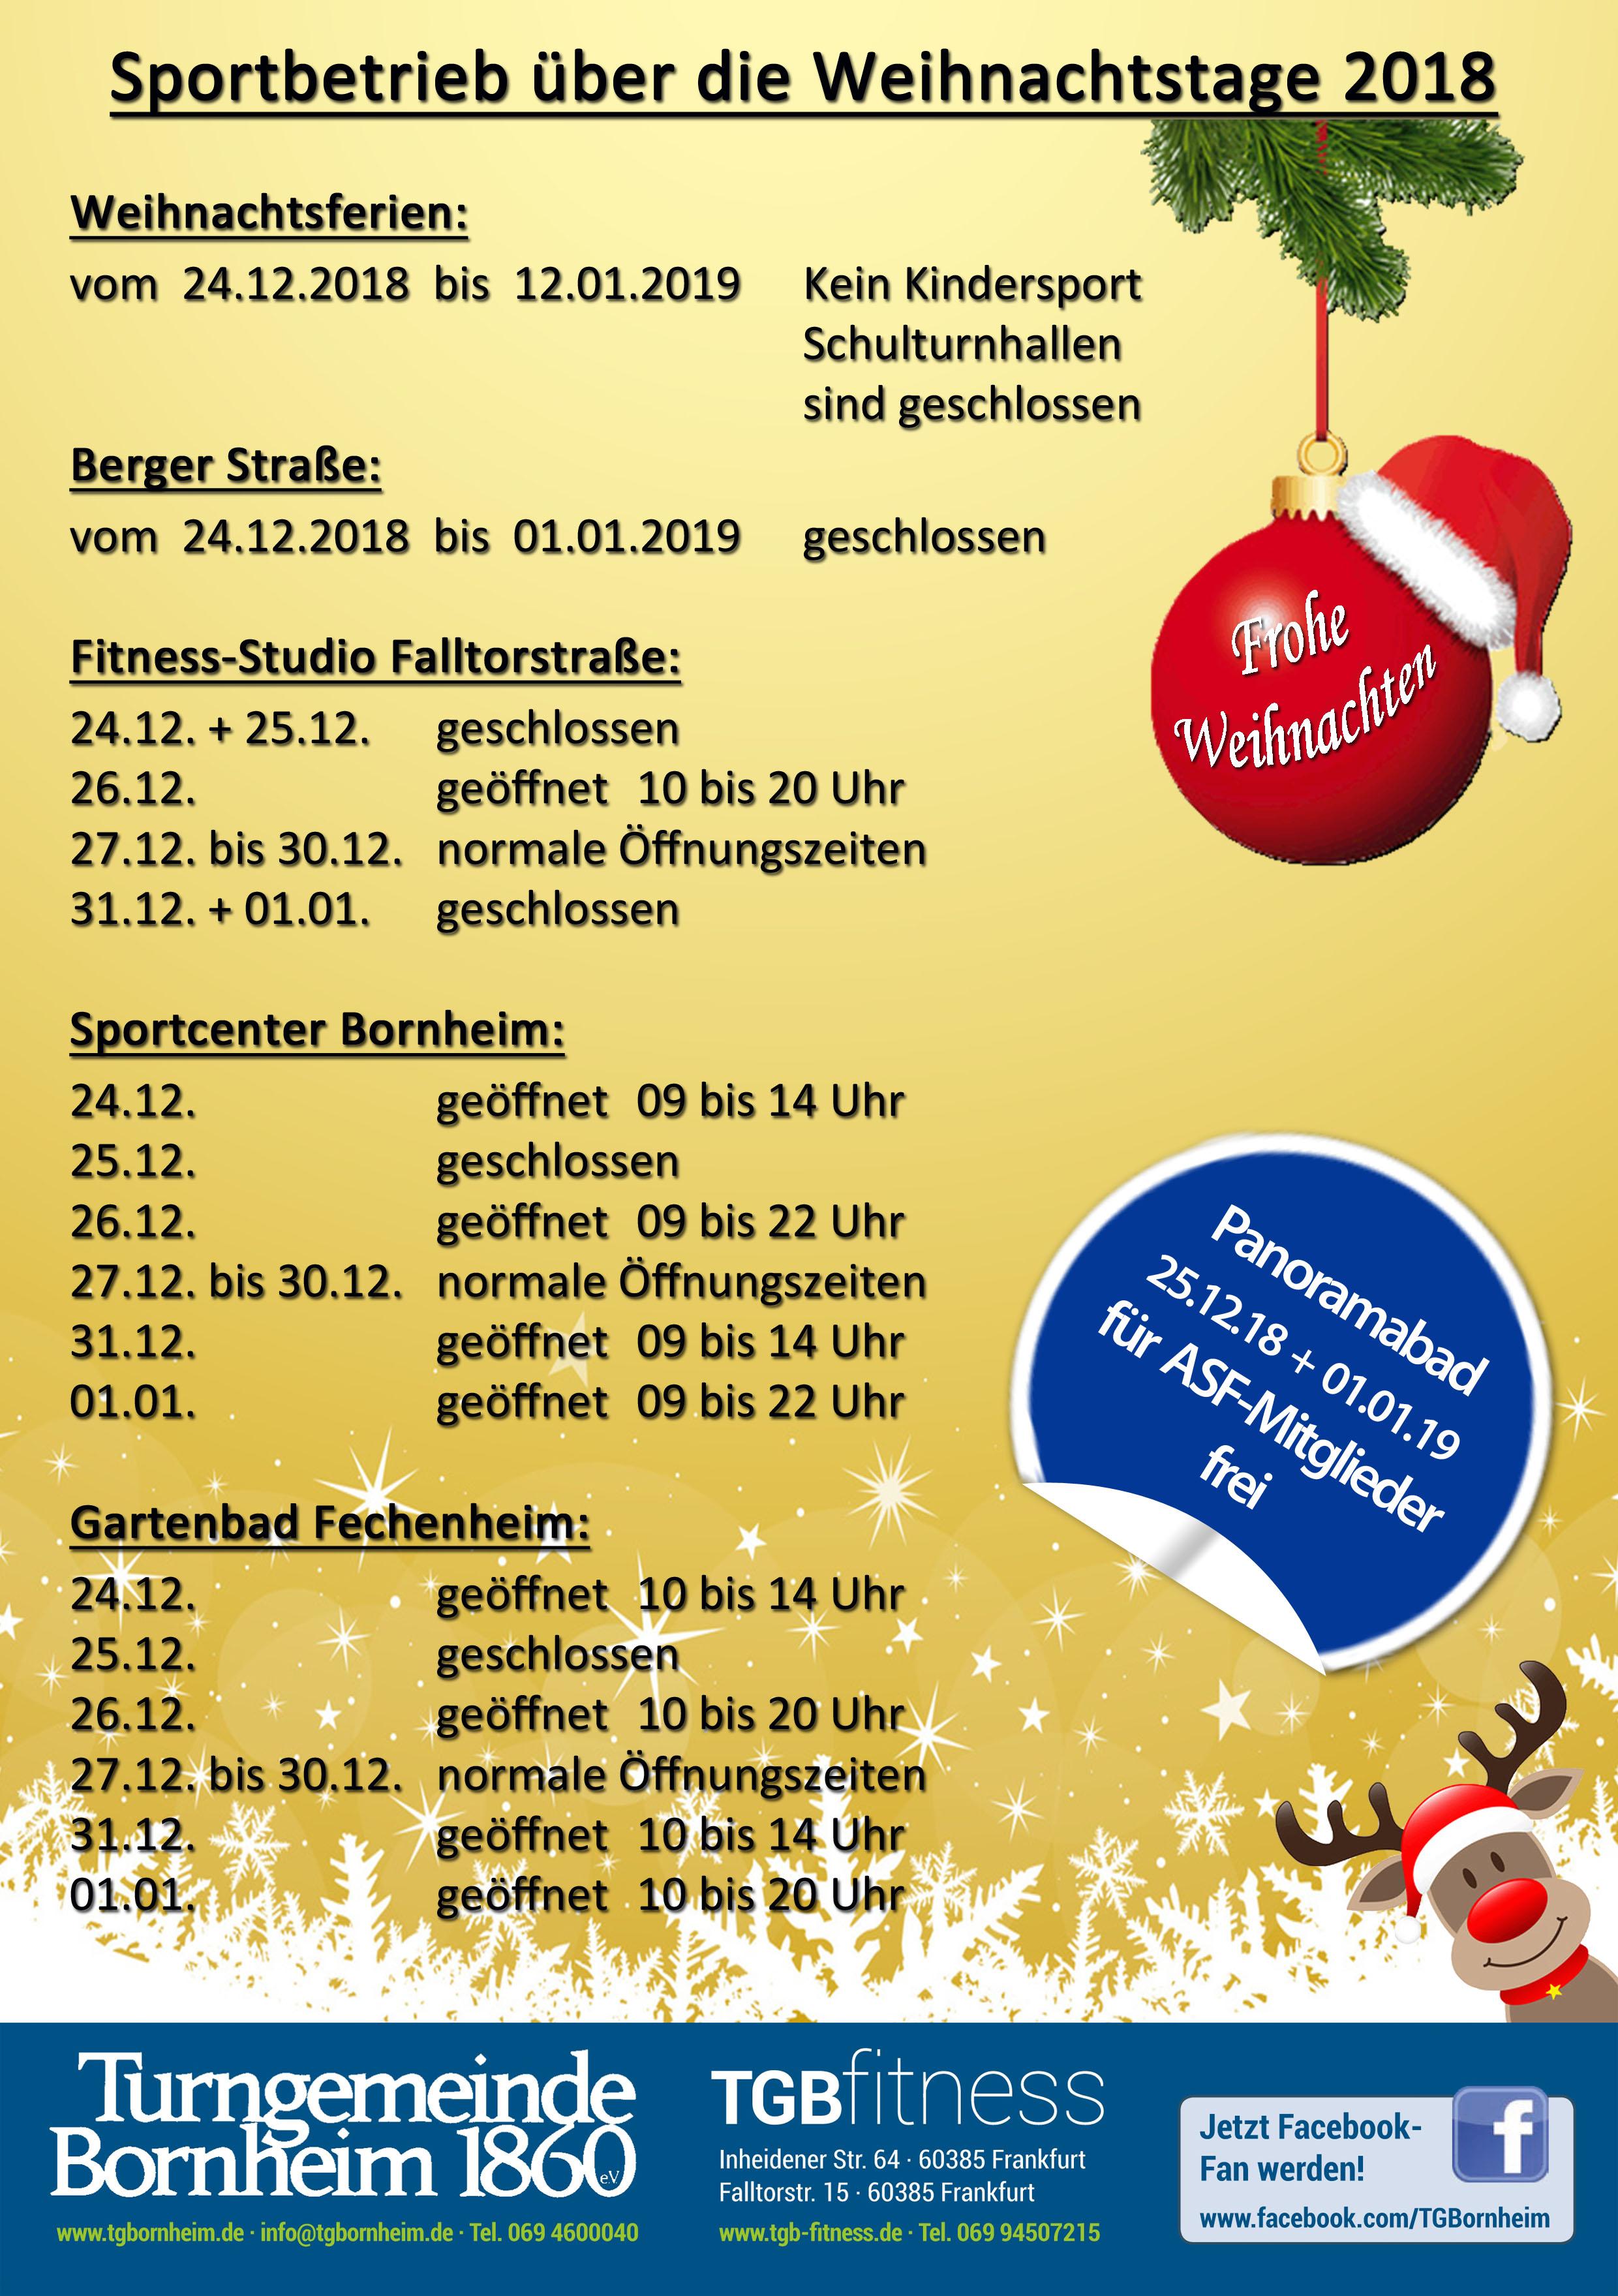 Frohe Weihnachten Philippinisch.Sportbetrieb Weihnachten 2018 A4 Modern Arnis Lapunti Frankfurt